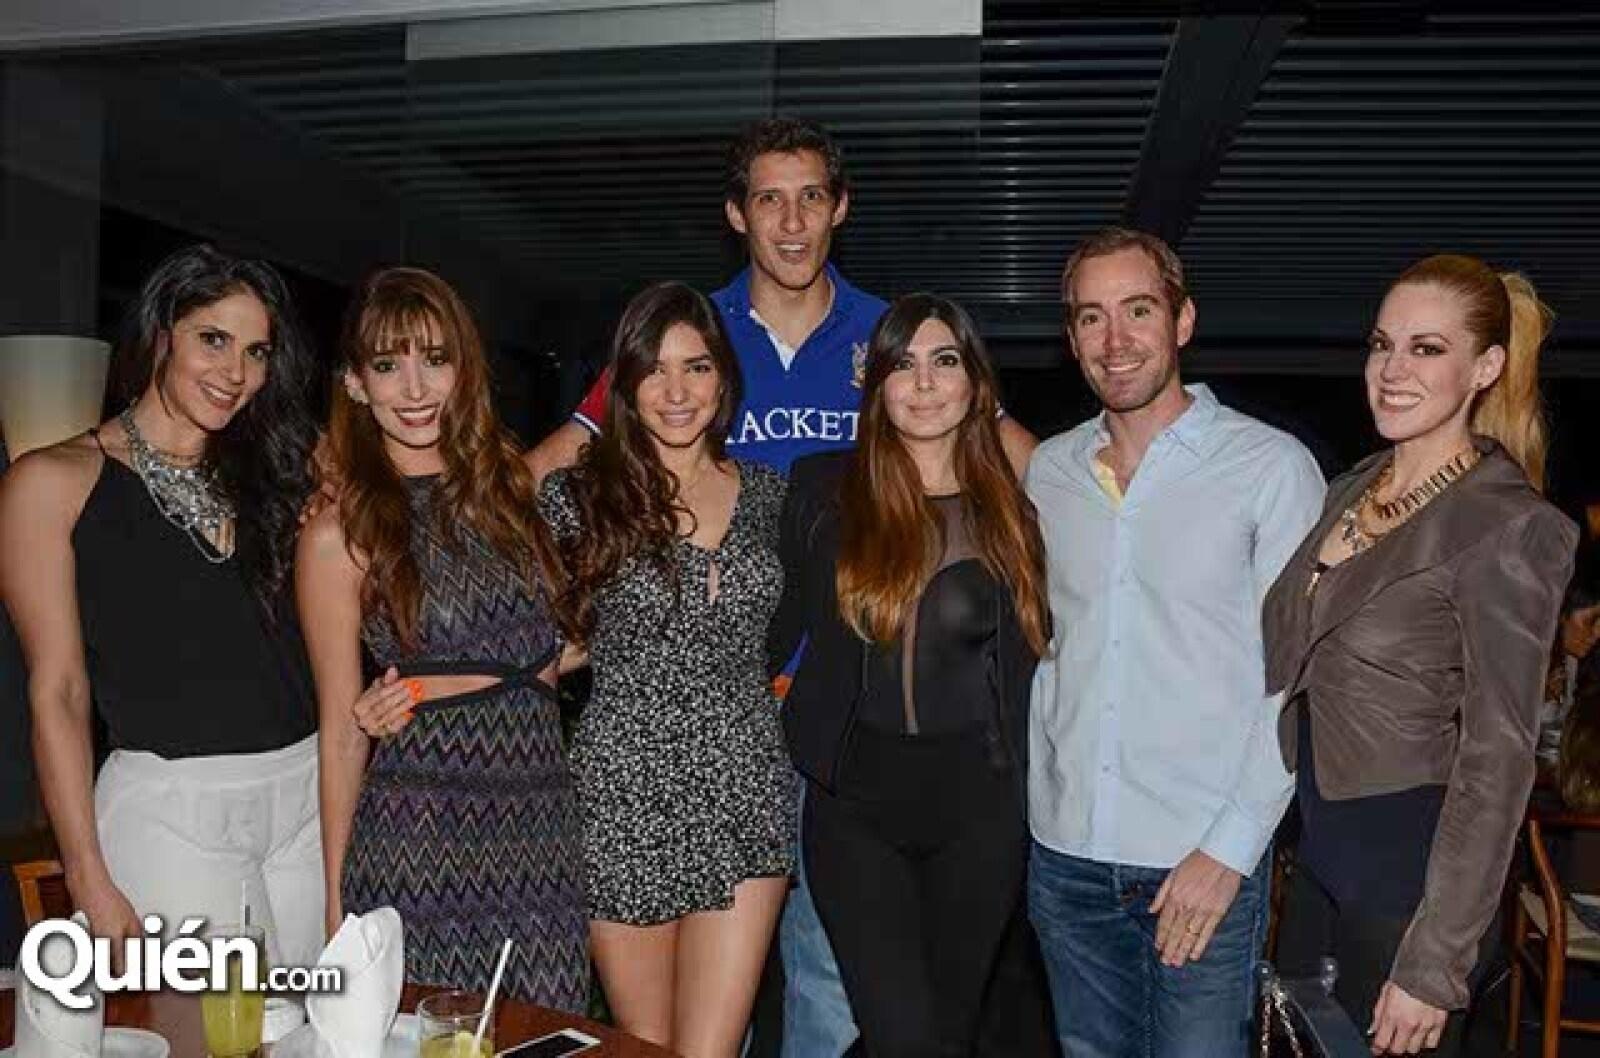 Eva Cedeño,Mariana Estrada,Dayana y Natalia Chiquete,Santiago Soto,Arian Gutiérrez y Natalya Carrasco.